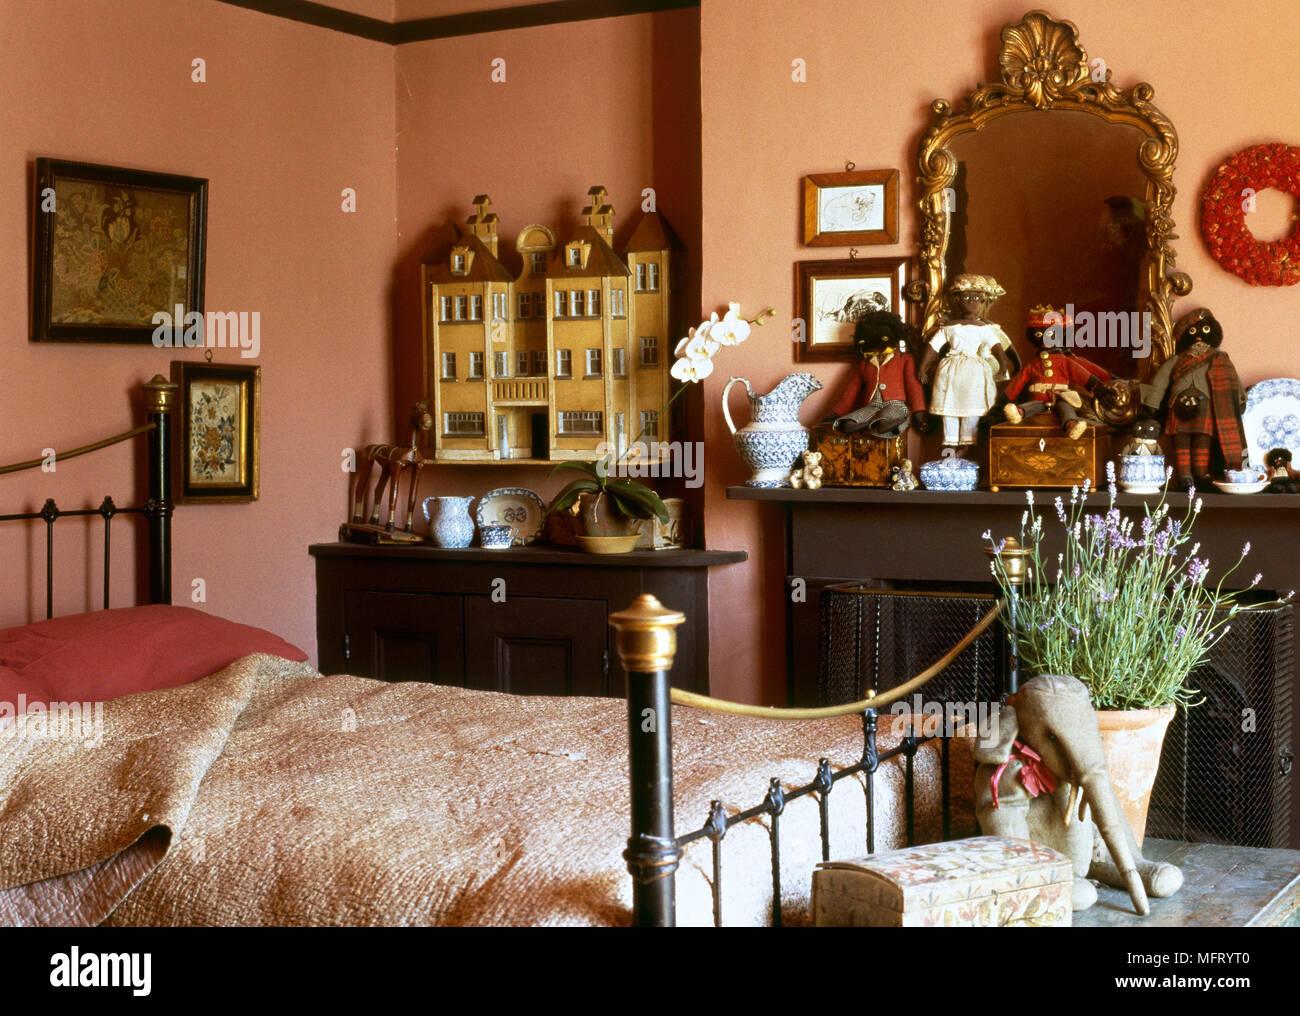 Paese tradizionale cotto camera da letto letto di ferro battuto ...